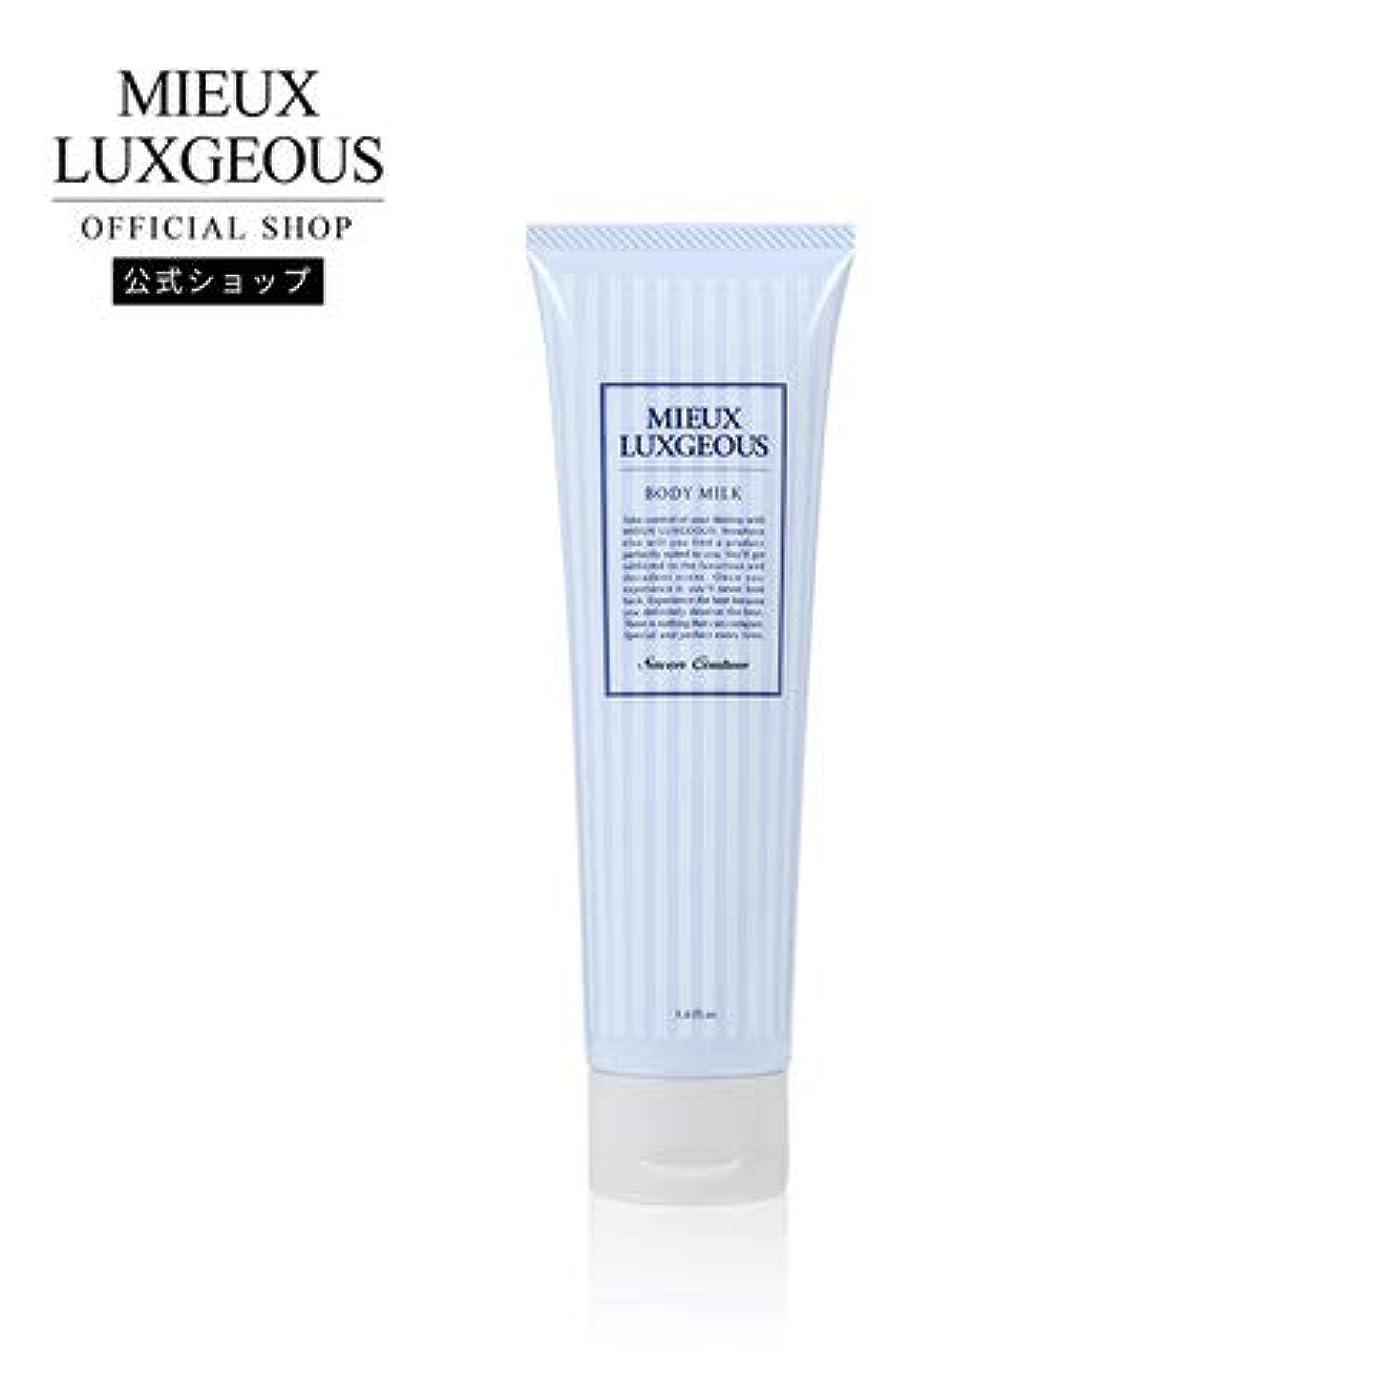 バランス深いほめるミューラグジャス ボディミルク Savon Coutureの香り